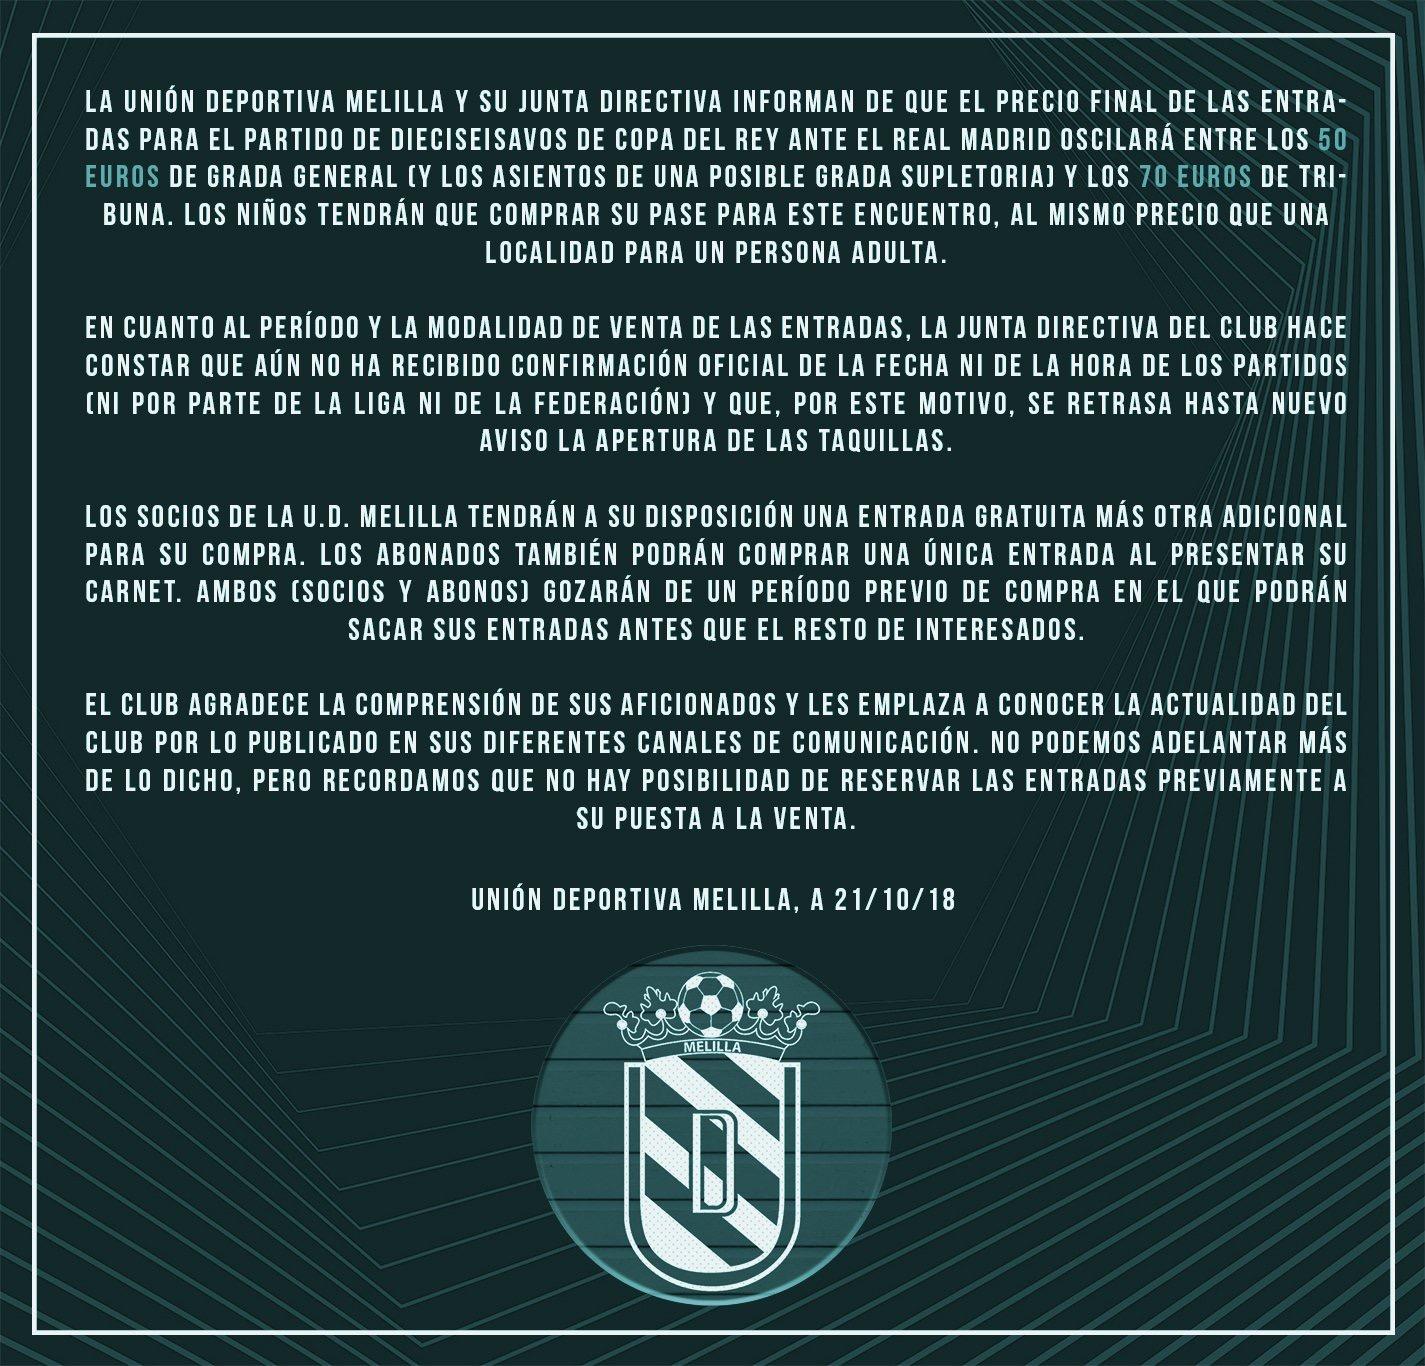 32e7f5e06 La UD Melilla hace oficial los precios de las entradas para el partido ante  el Real Madrid